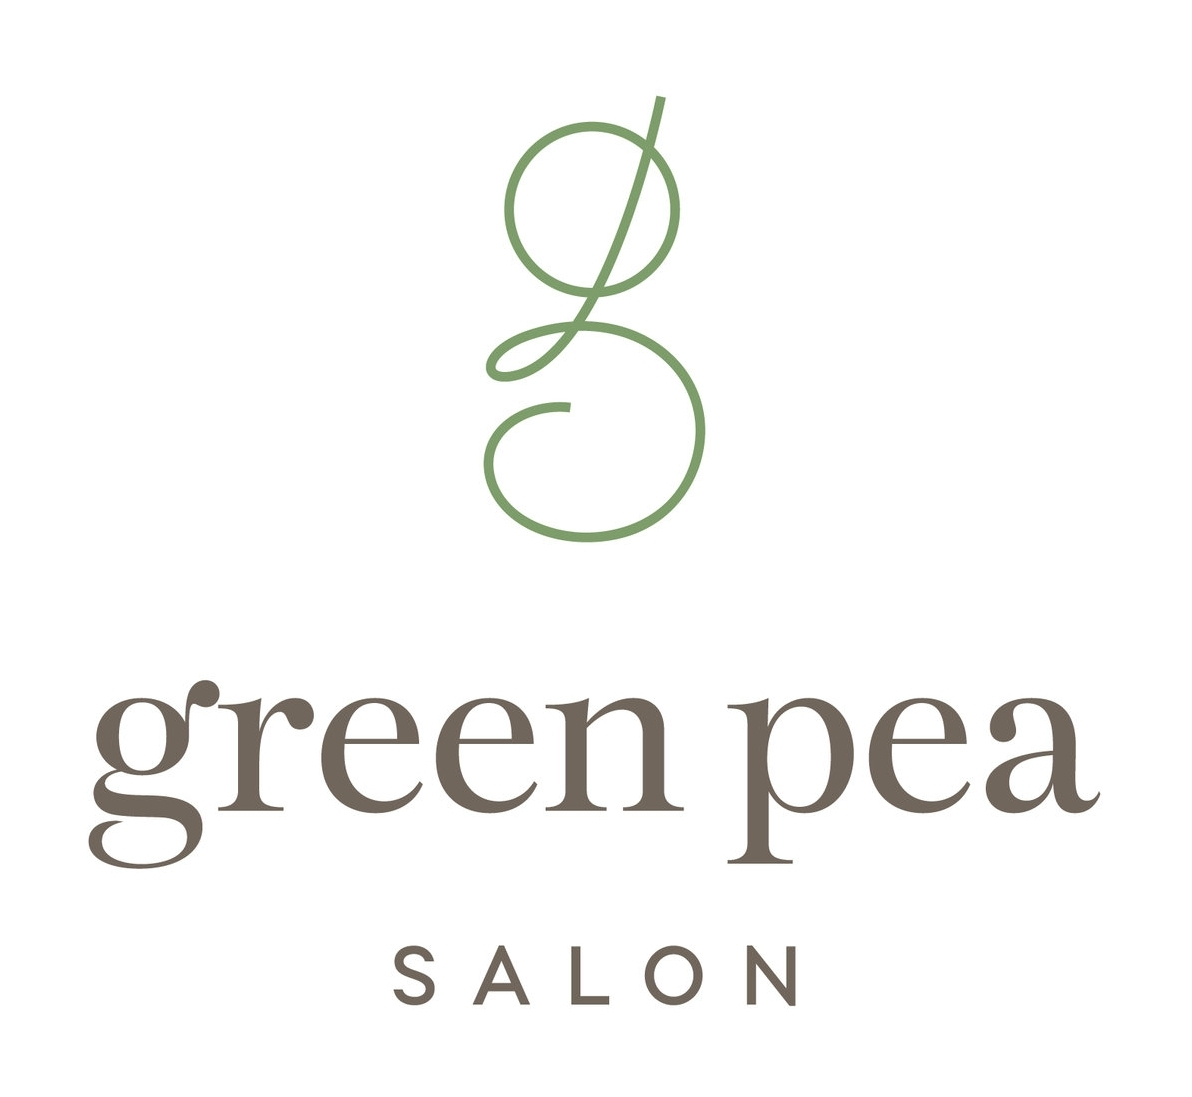 green pea salon